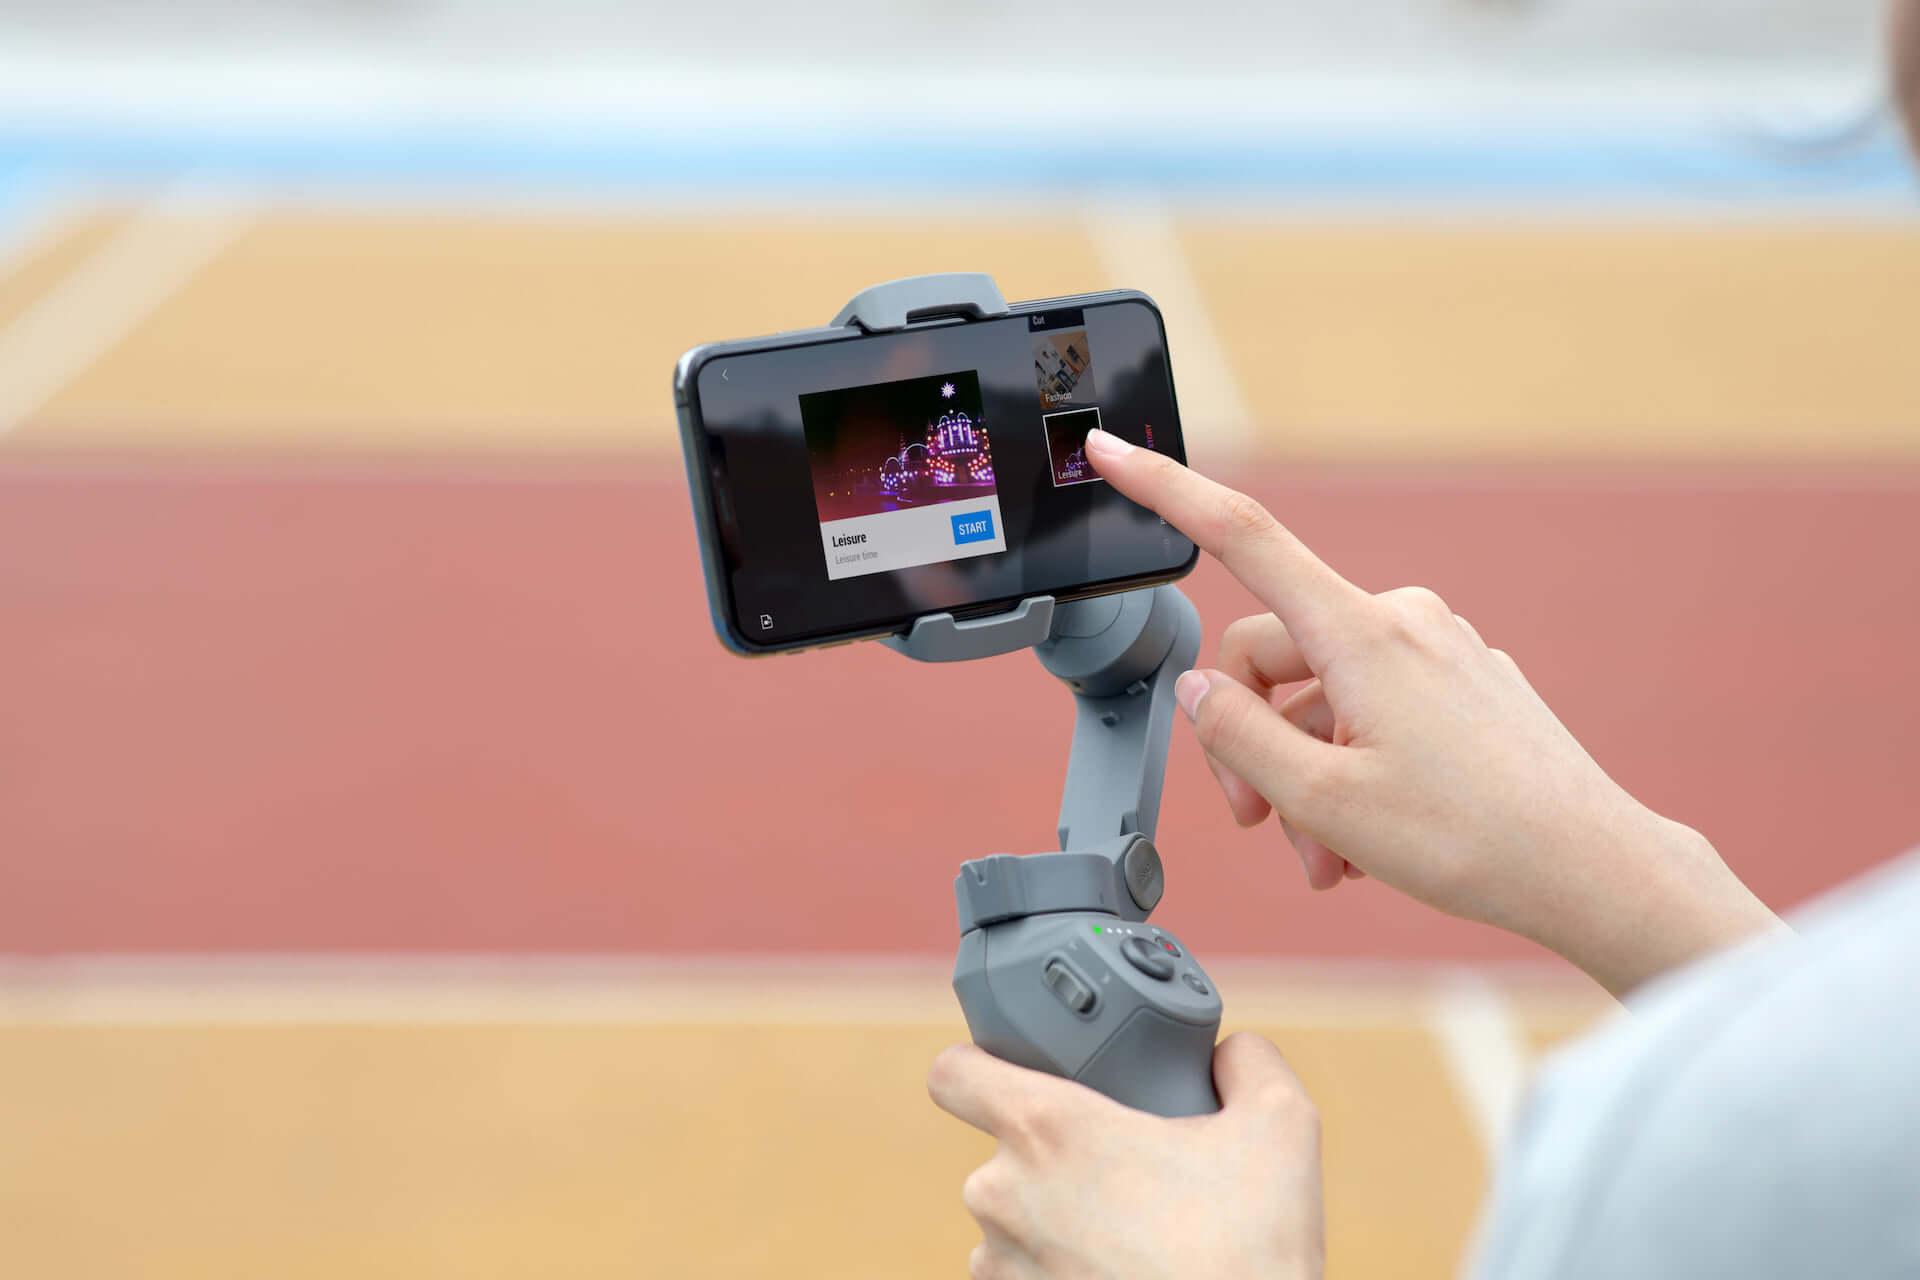 プロ並みの映像が撮れるかも!?DJI「Osmo Mobile 3」が登場|多機能な折りたたみ式スマホ用スタビライザー technology190814osmomobile_6-1920x1280